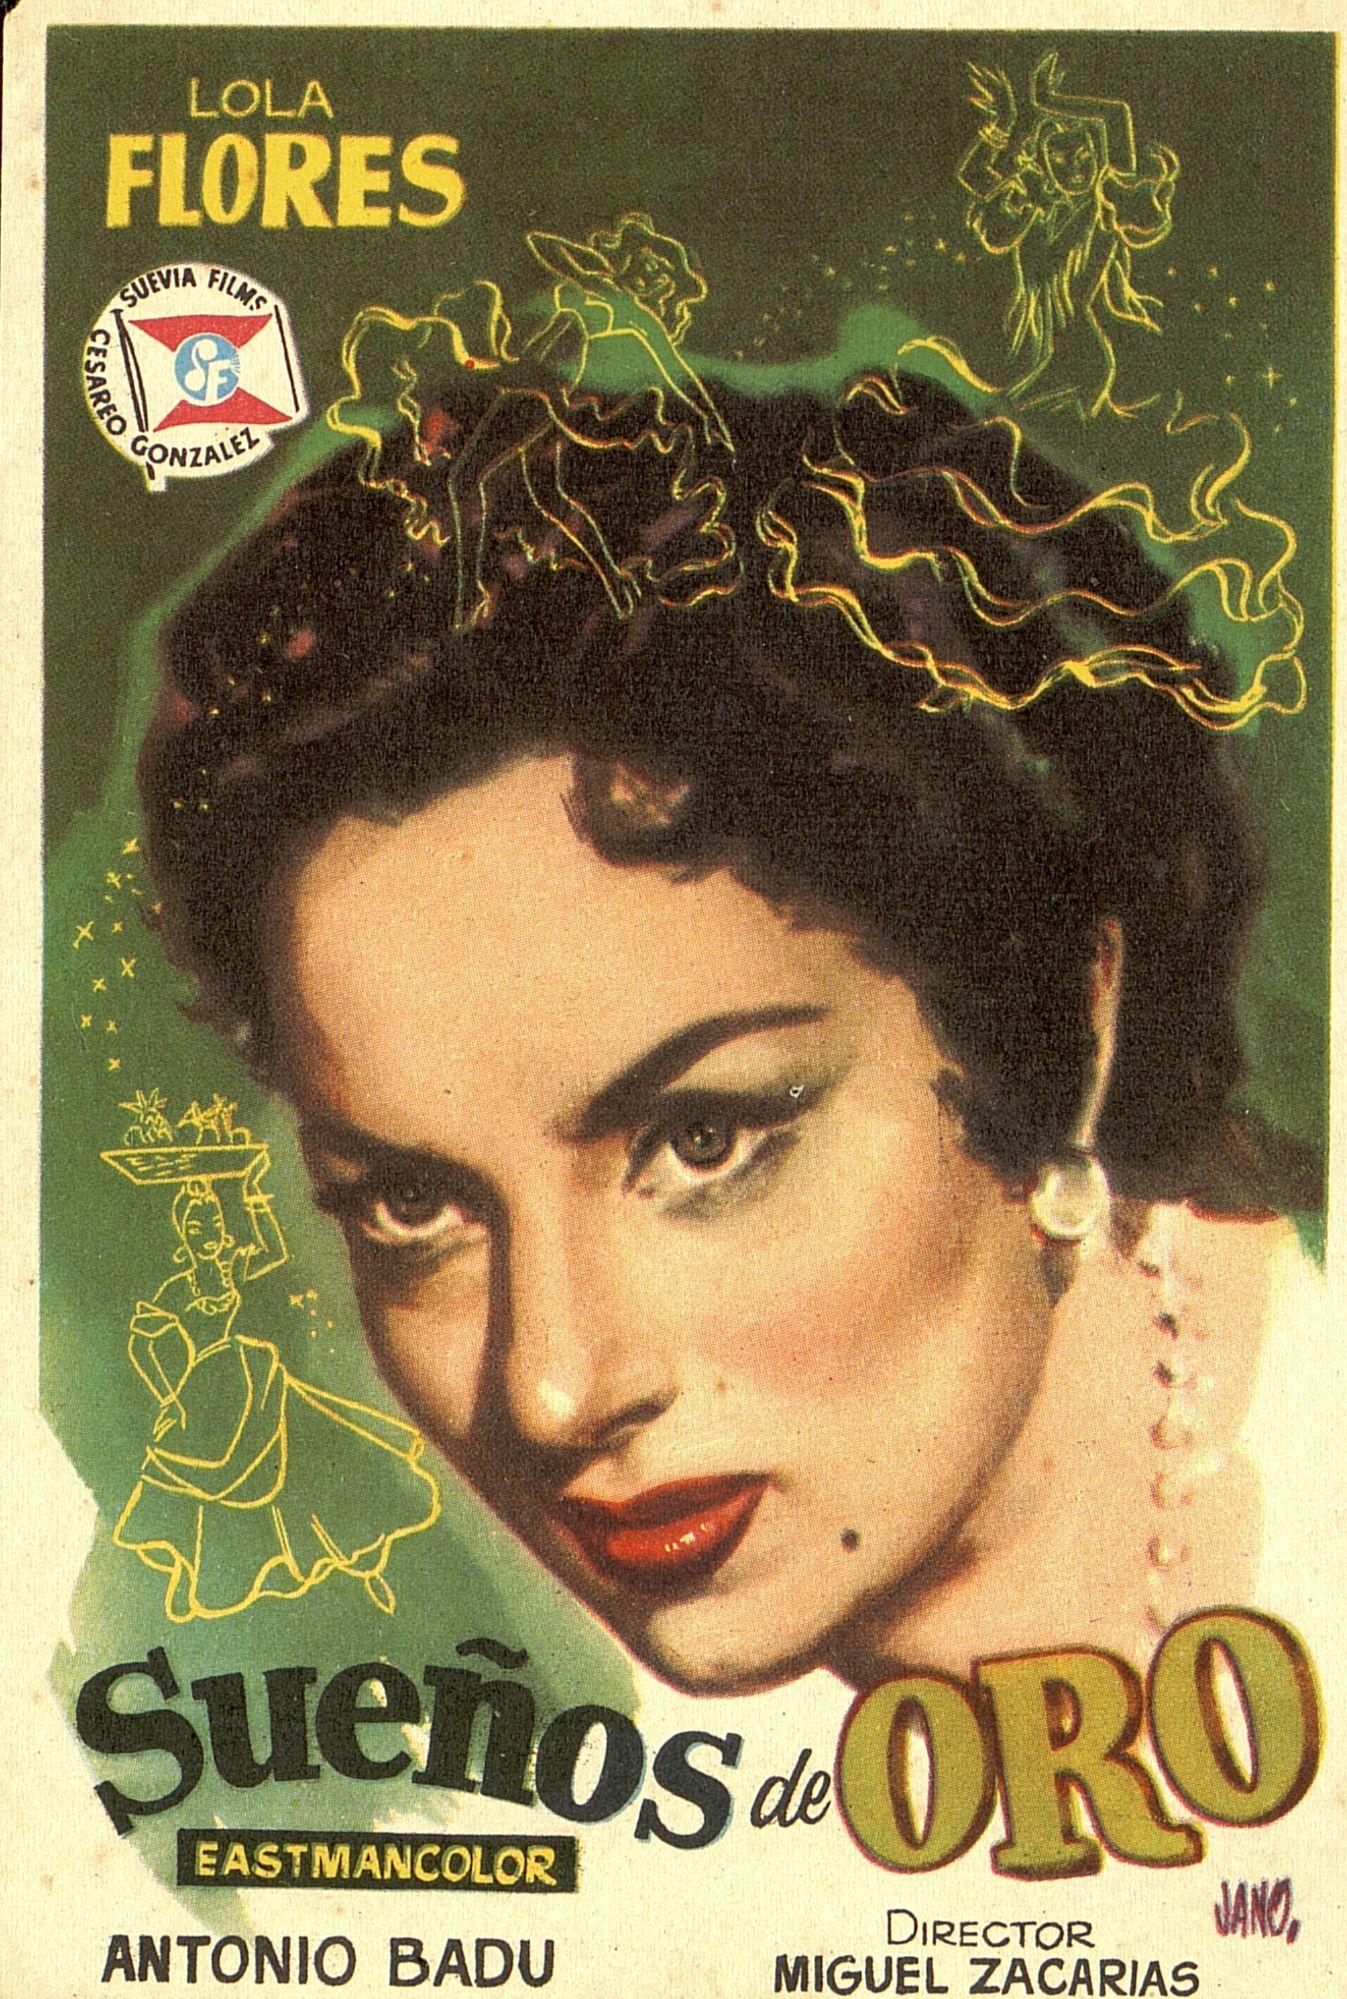 181.  JANO. Sueños de oro. Dirigida por Miguel Zacarías. [1958]. #ProgramasdeMano #BbtkULL #Diseñadores #Jano #DiadelLibro2014